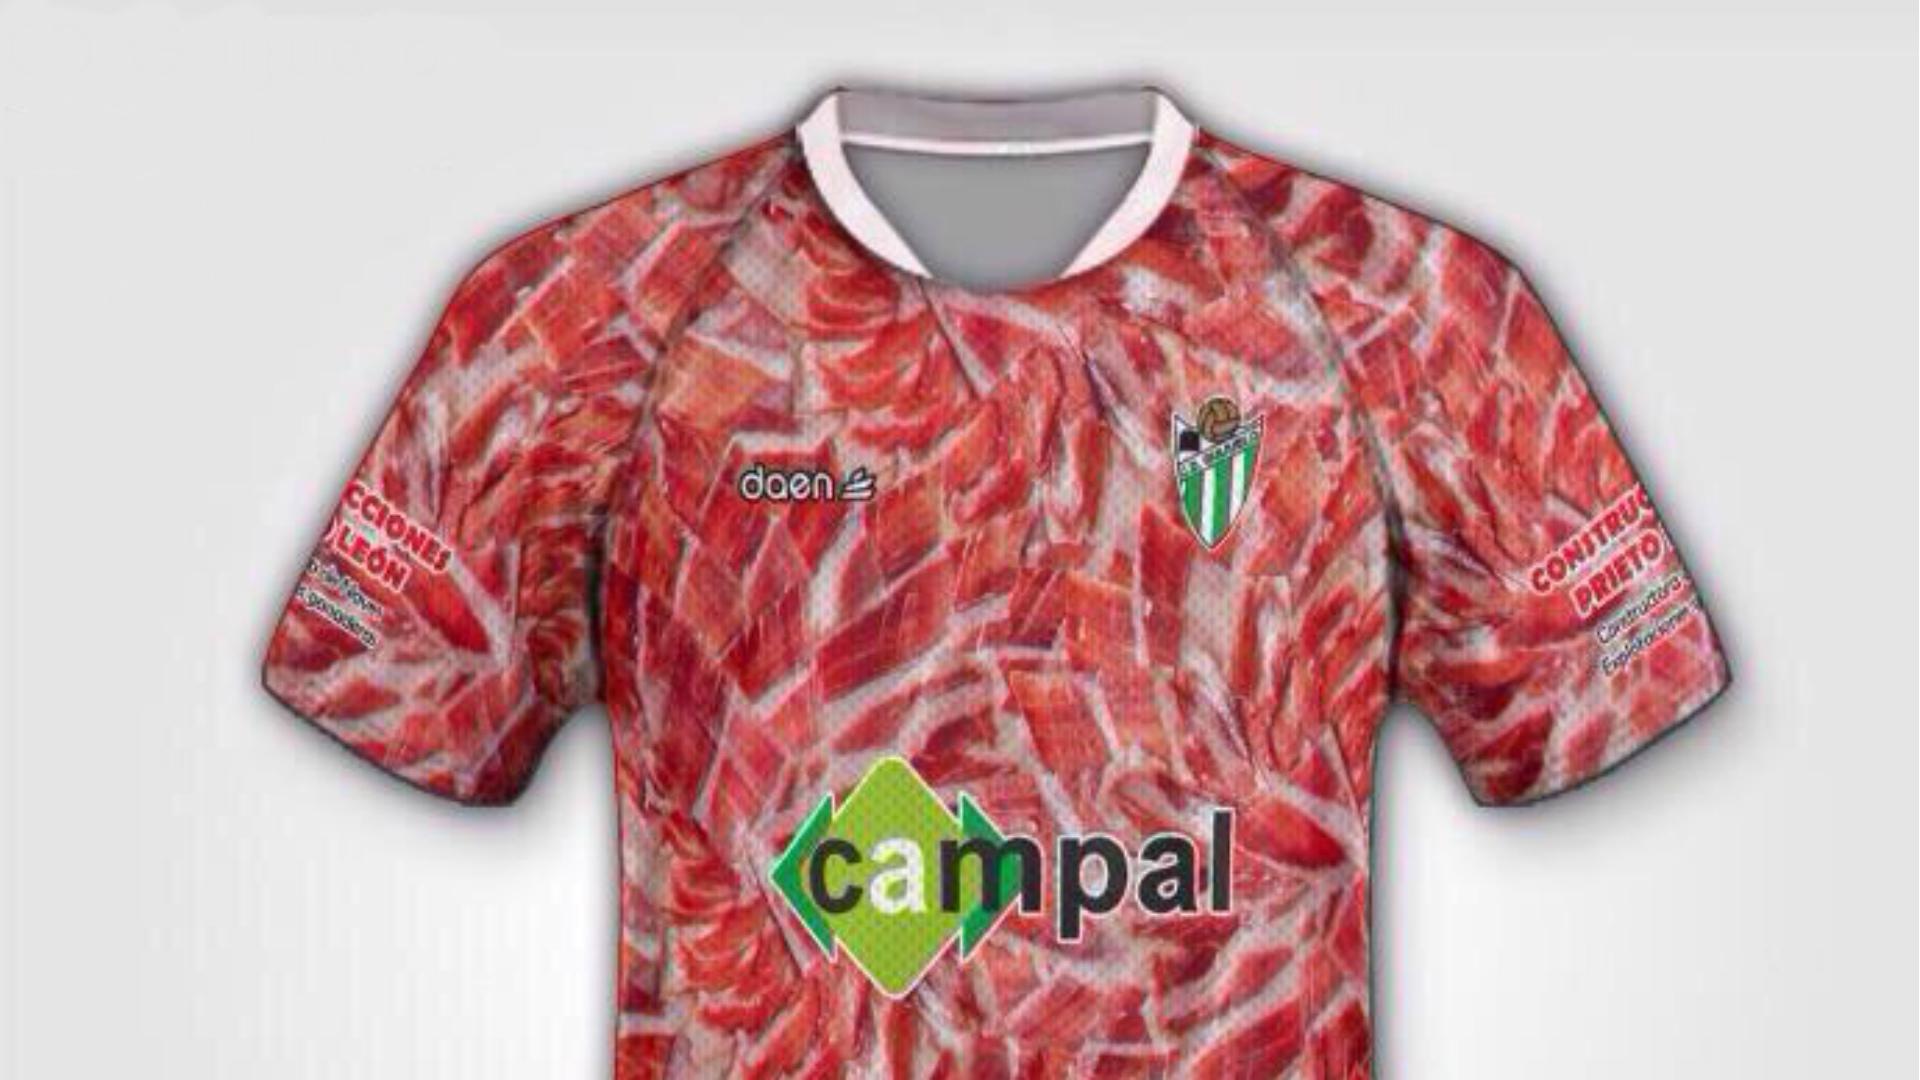 guijuelo-shirt_ohnagu2c0tx41bb9nituh8zlb